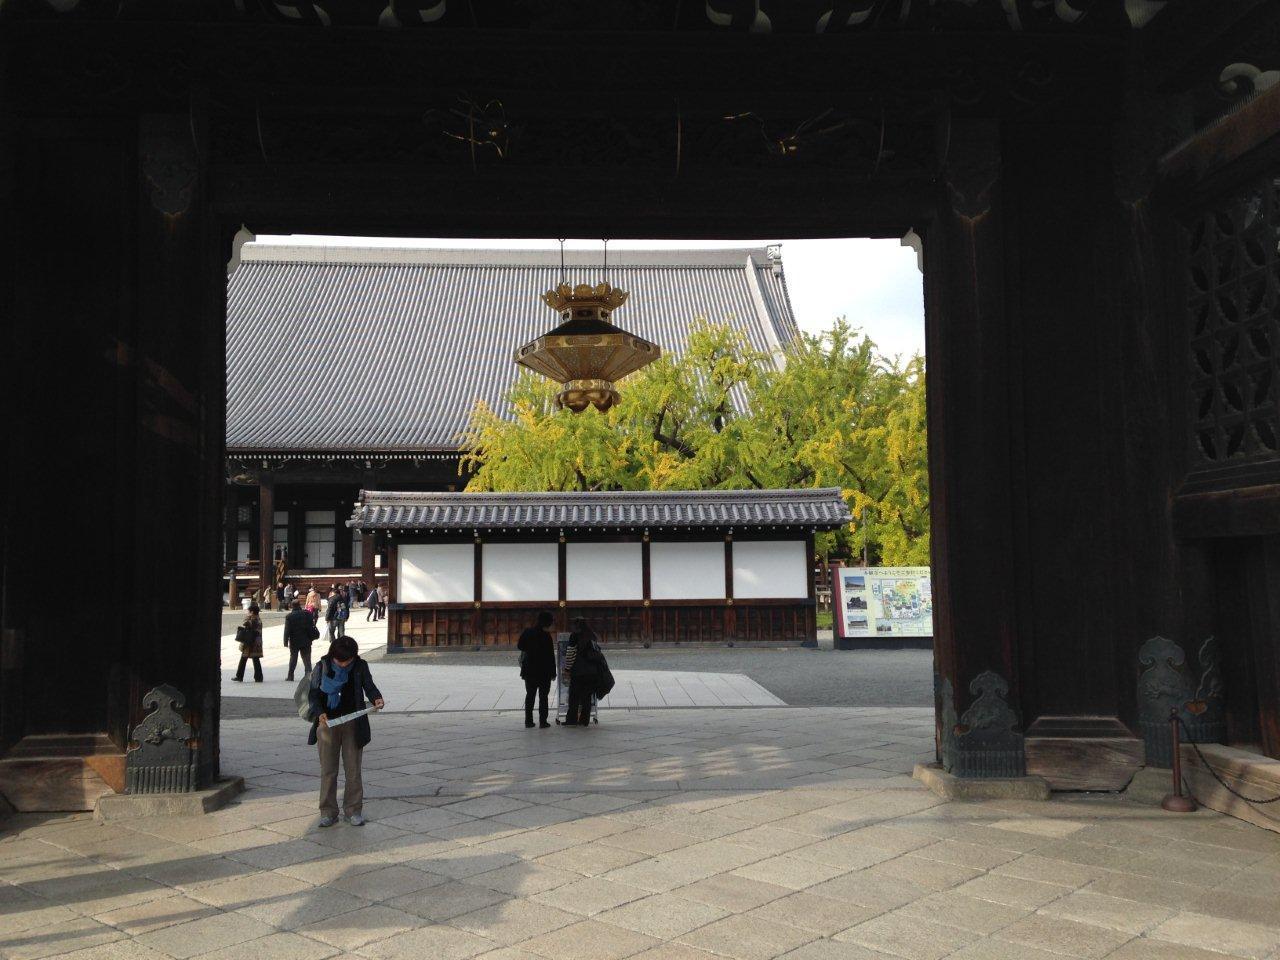 龍谷ミュージアムと西本願寺_b0349892_09425557.jpg